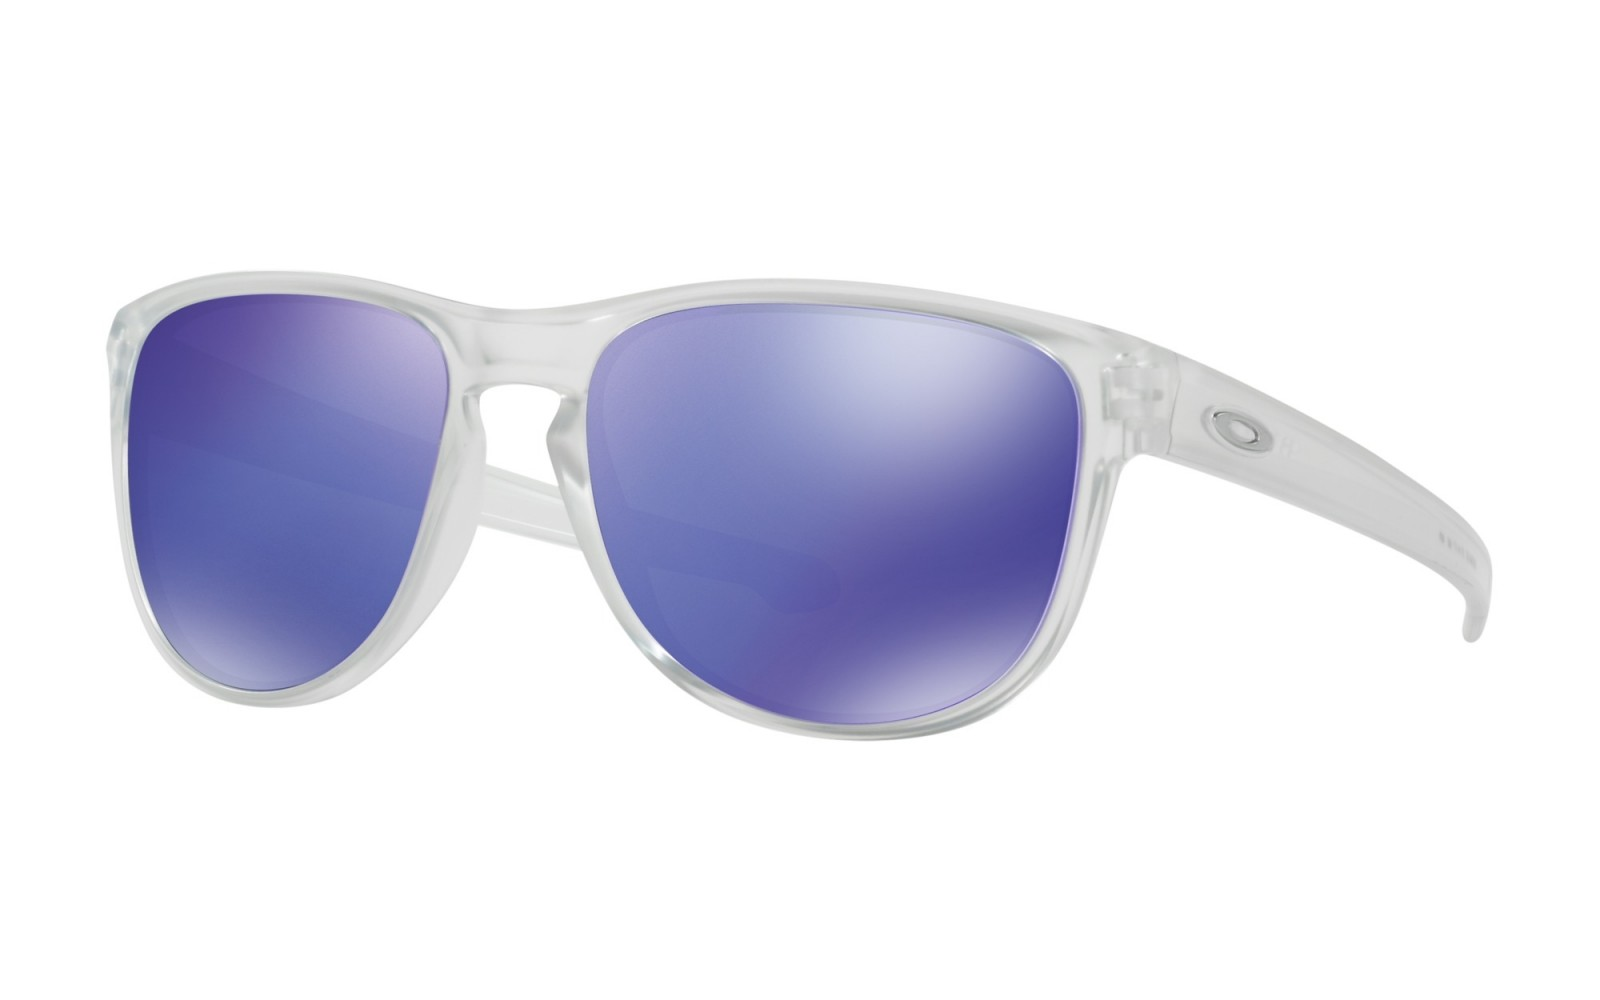 Oakley Sliver Round - Matte Clear / Violet Iridium - OO9342-02 Zonnebril